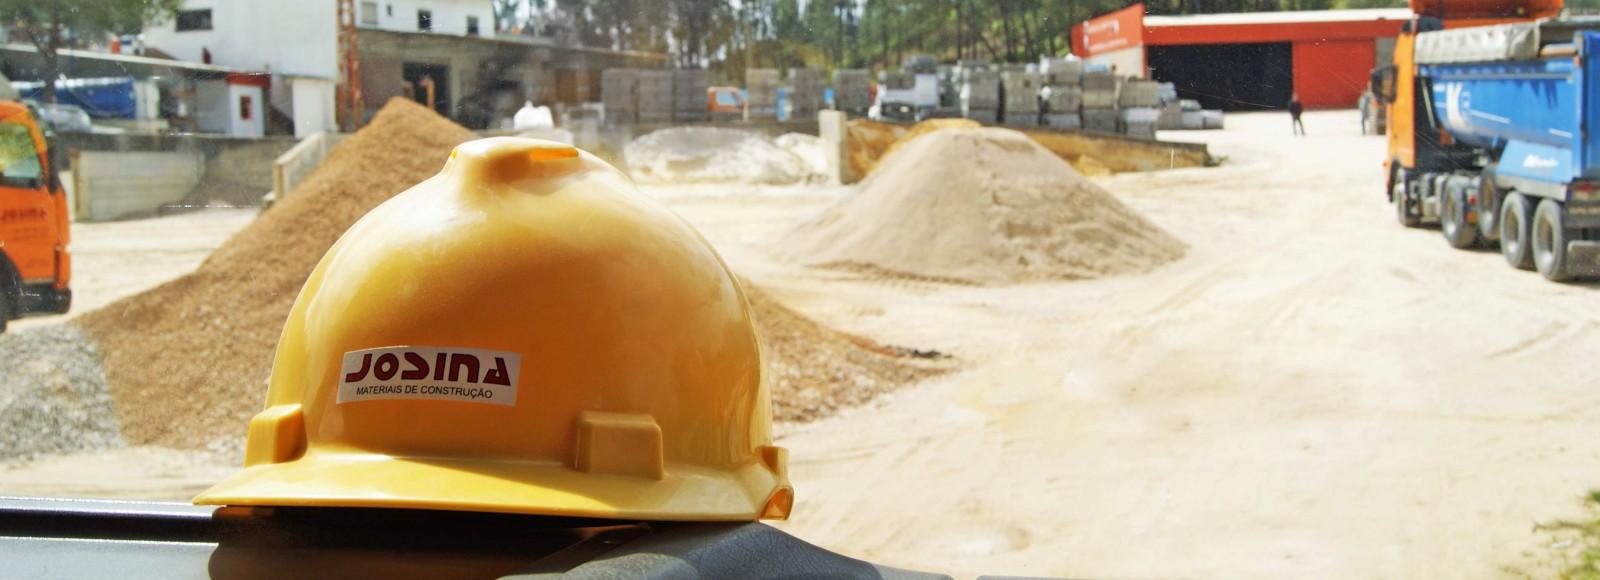 Josina-materiais-de-construcao-1